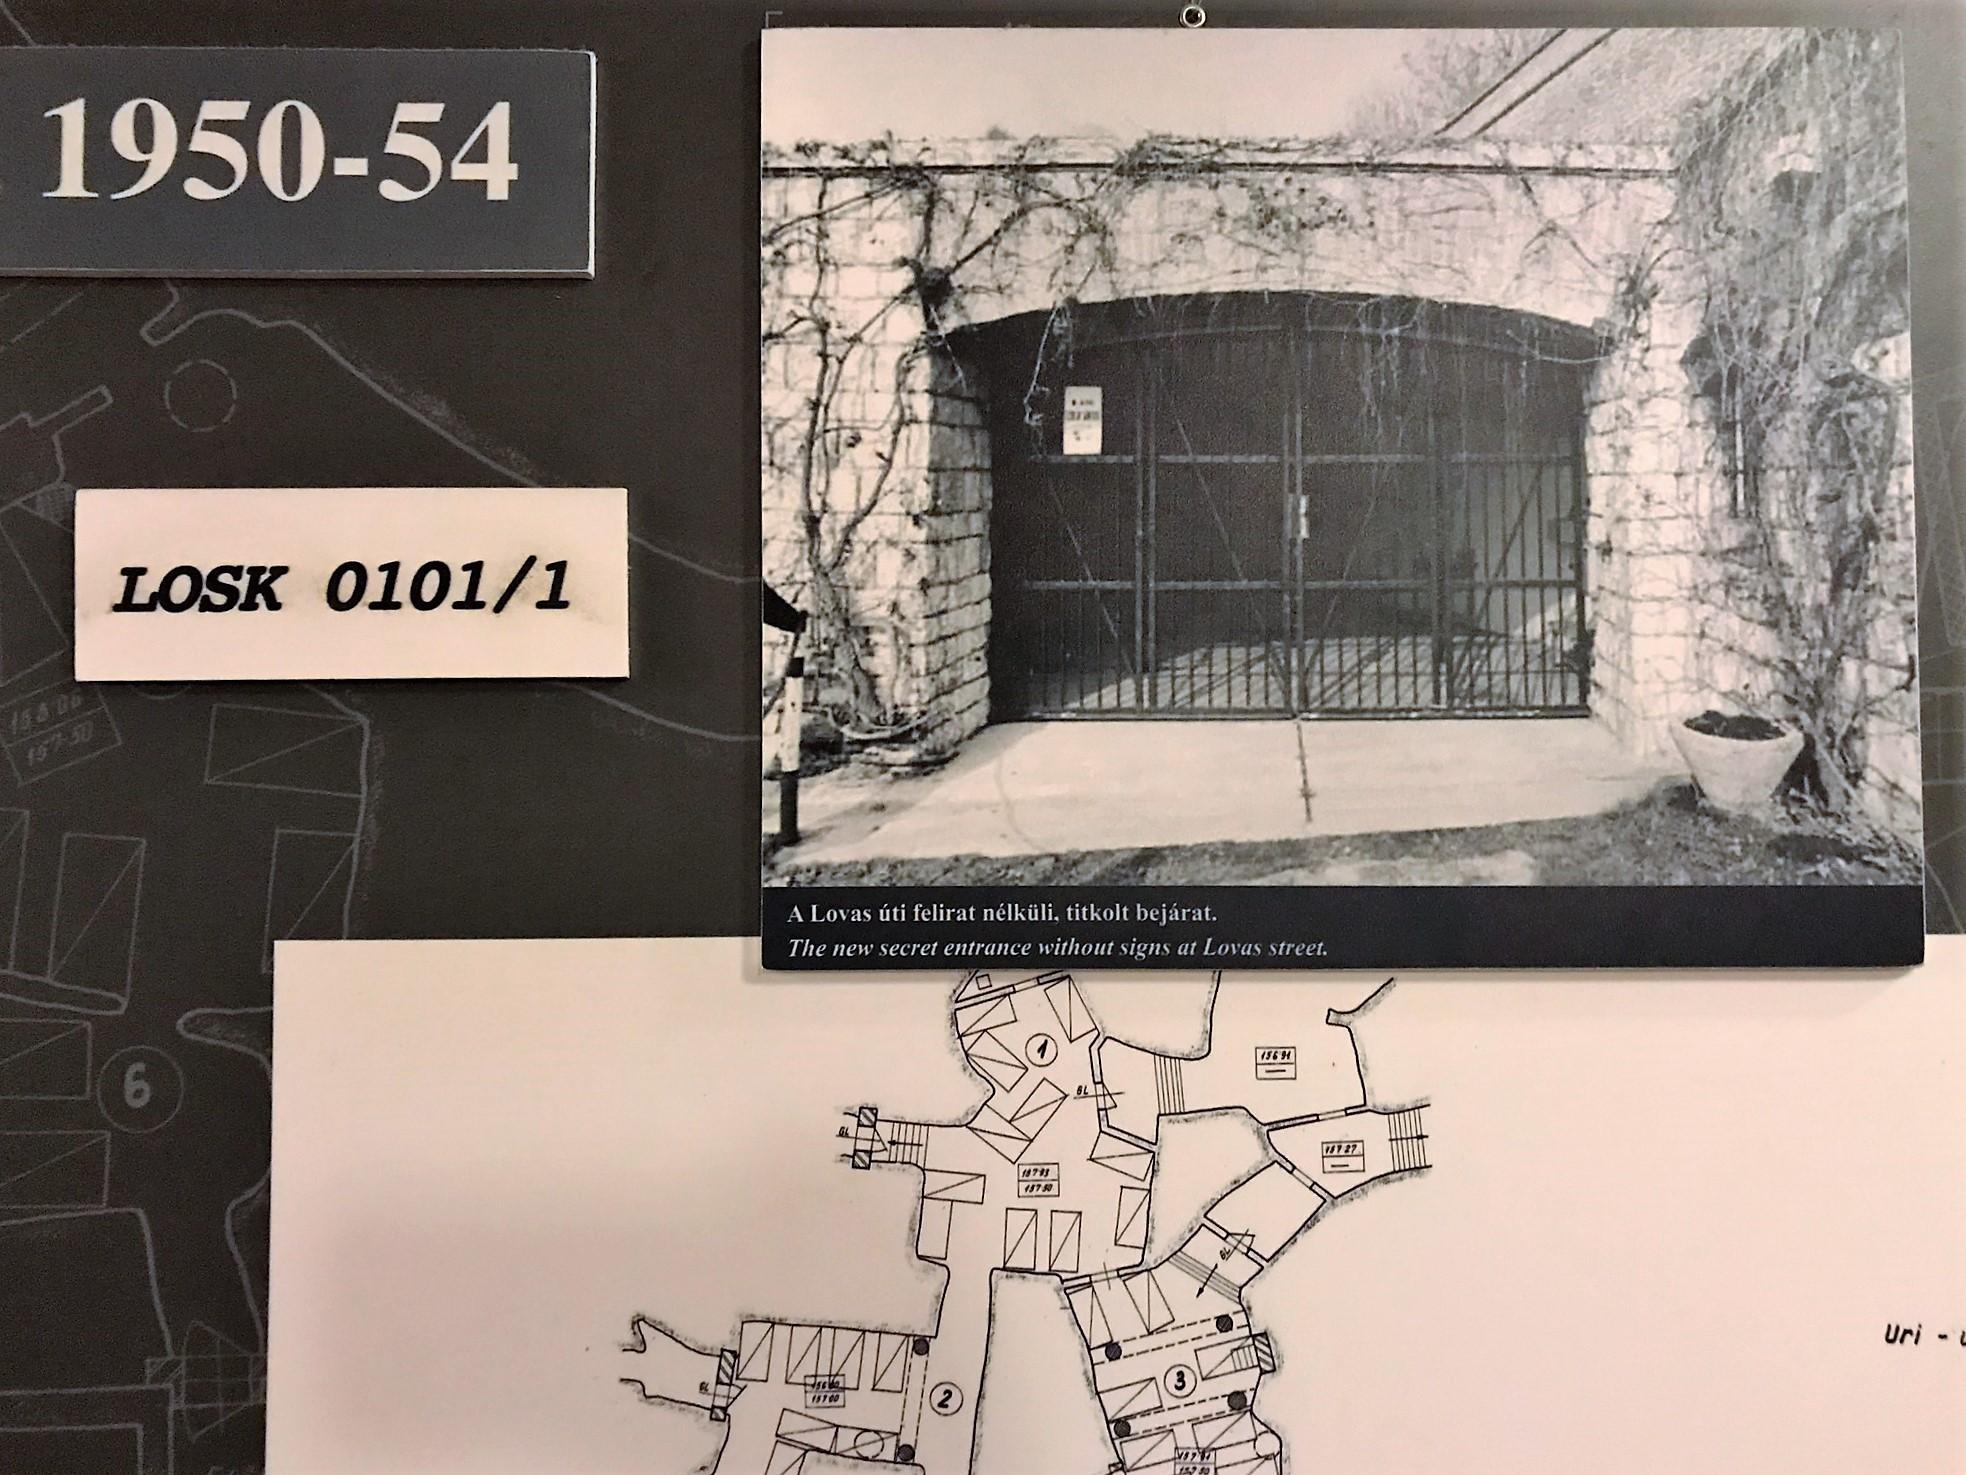 """A hidegháború alatt LOSK 0101/1 jelzéssel """"szigorúan titkos objektumként"""" működött az intézmény, amely egy esetleges nukleáris támadás során atombunkerként szolgált volna."""